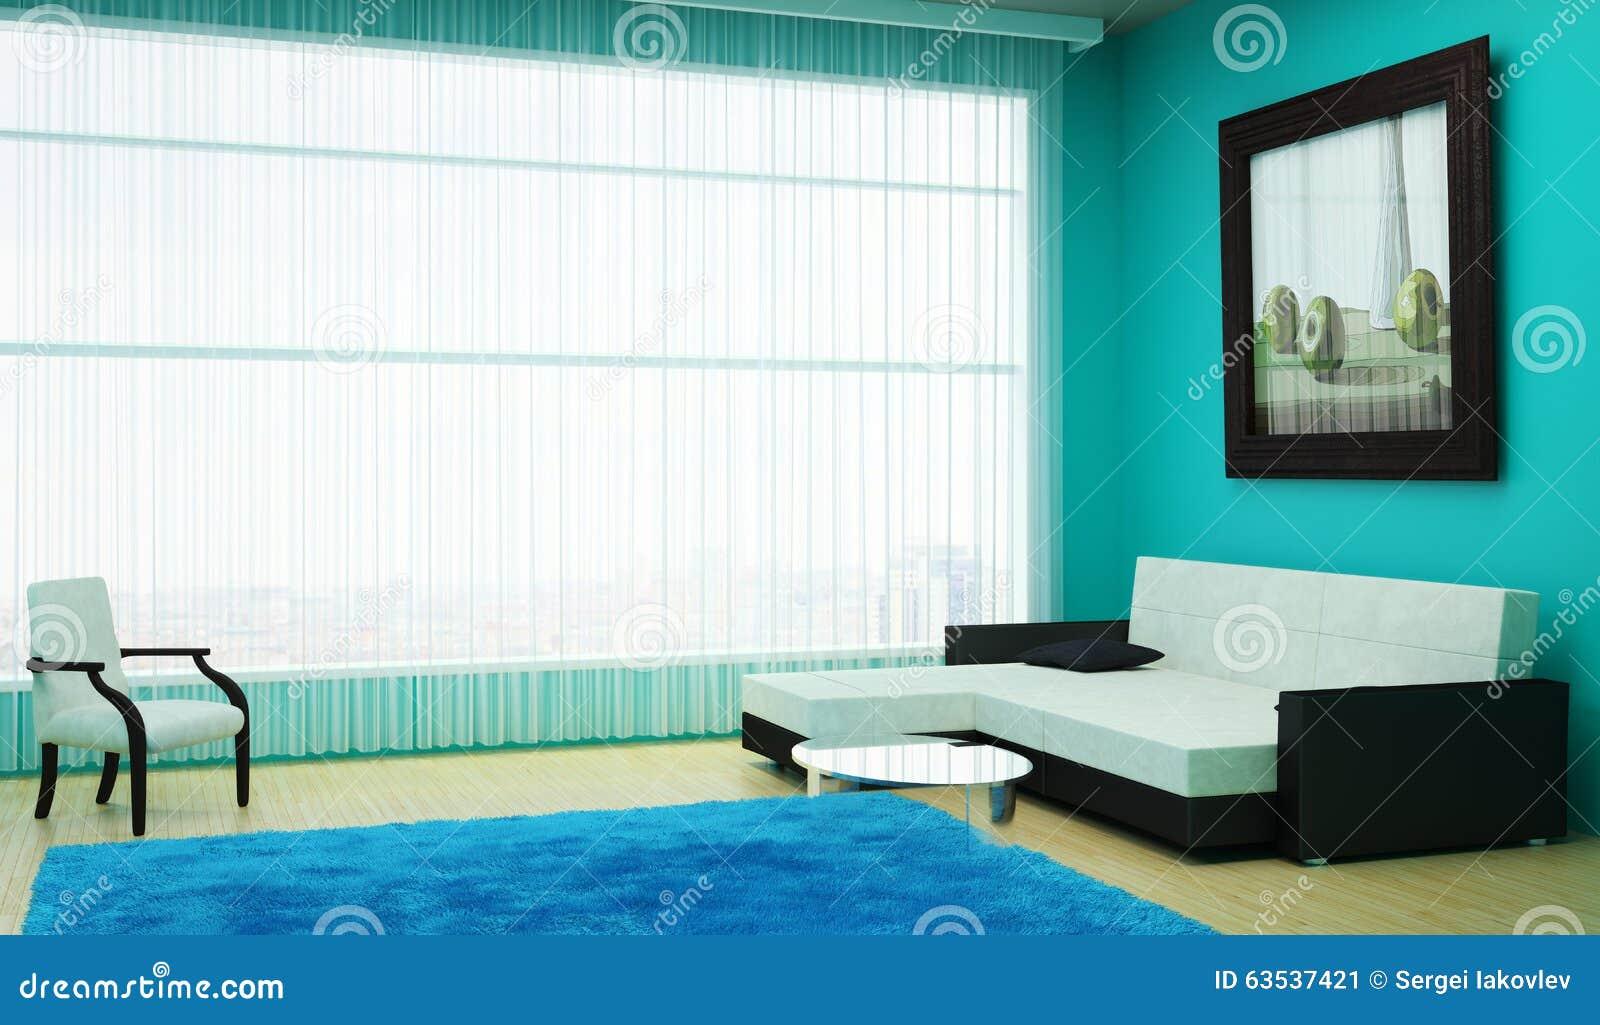 Ilustração Stock Sala de visitas interior com uma grande janela que